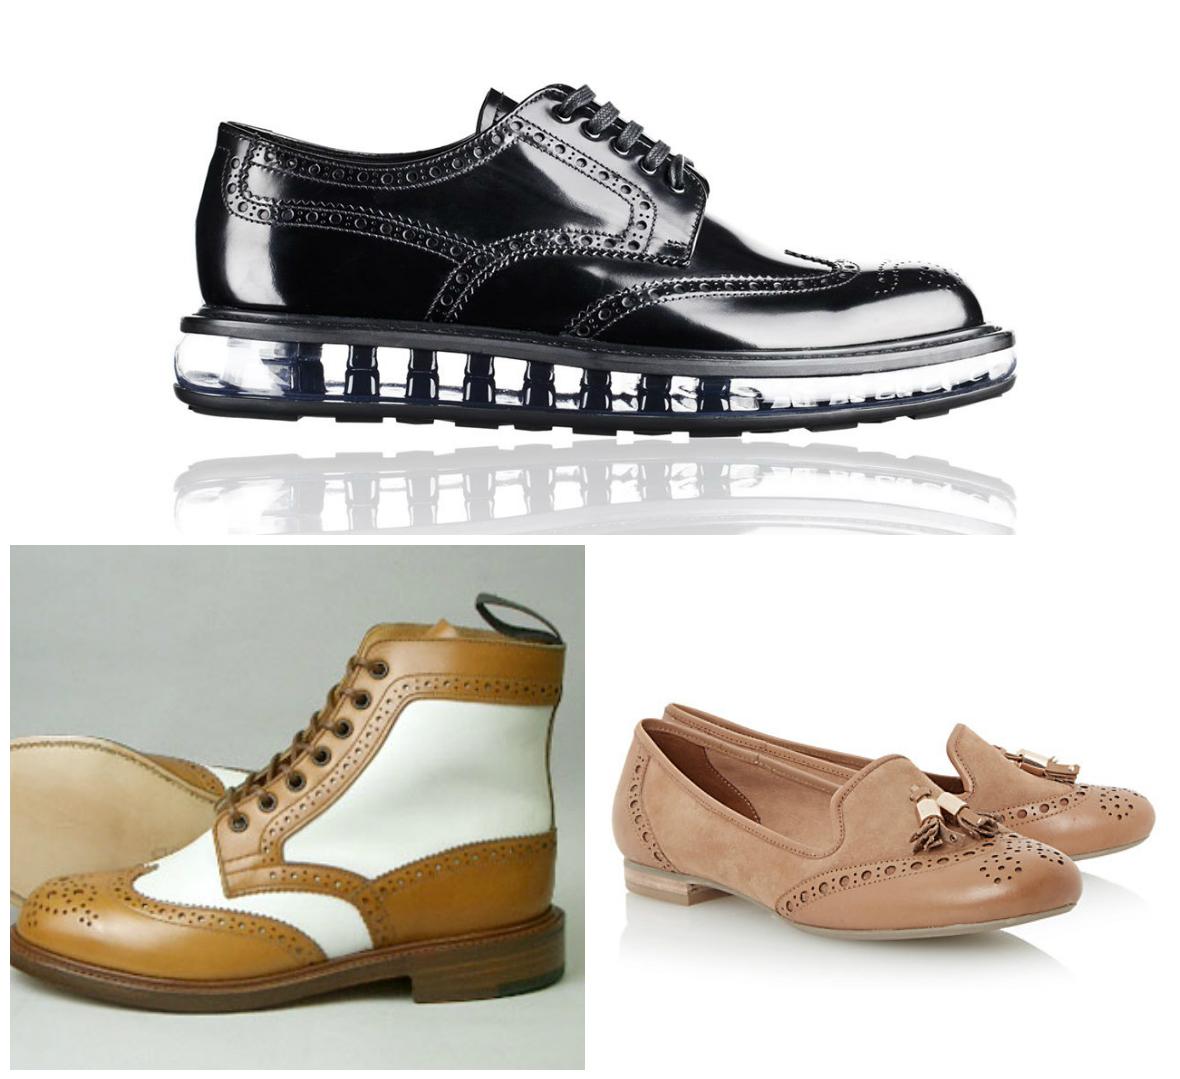 Броги 2015 - как выбрать и носить